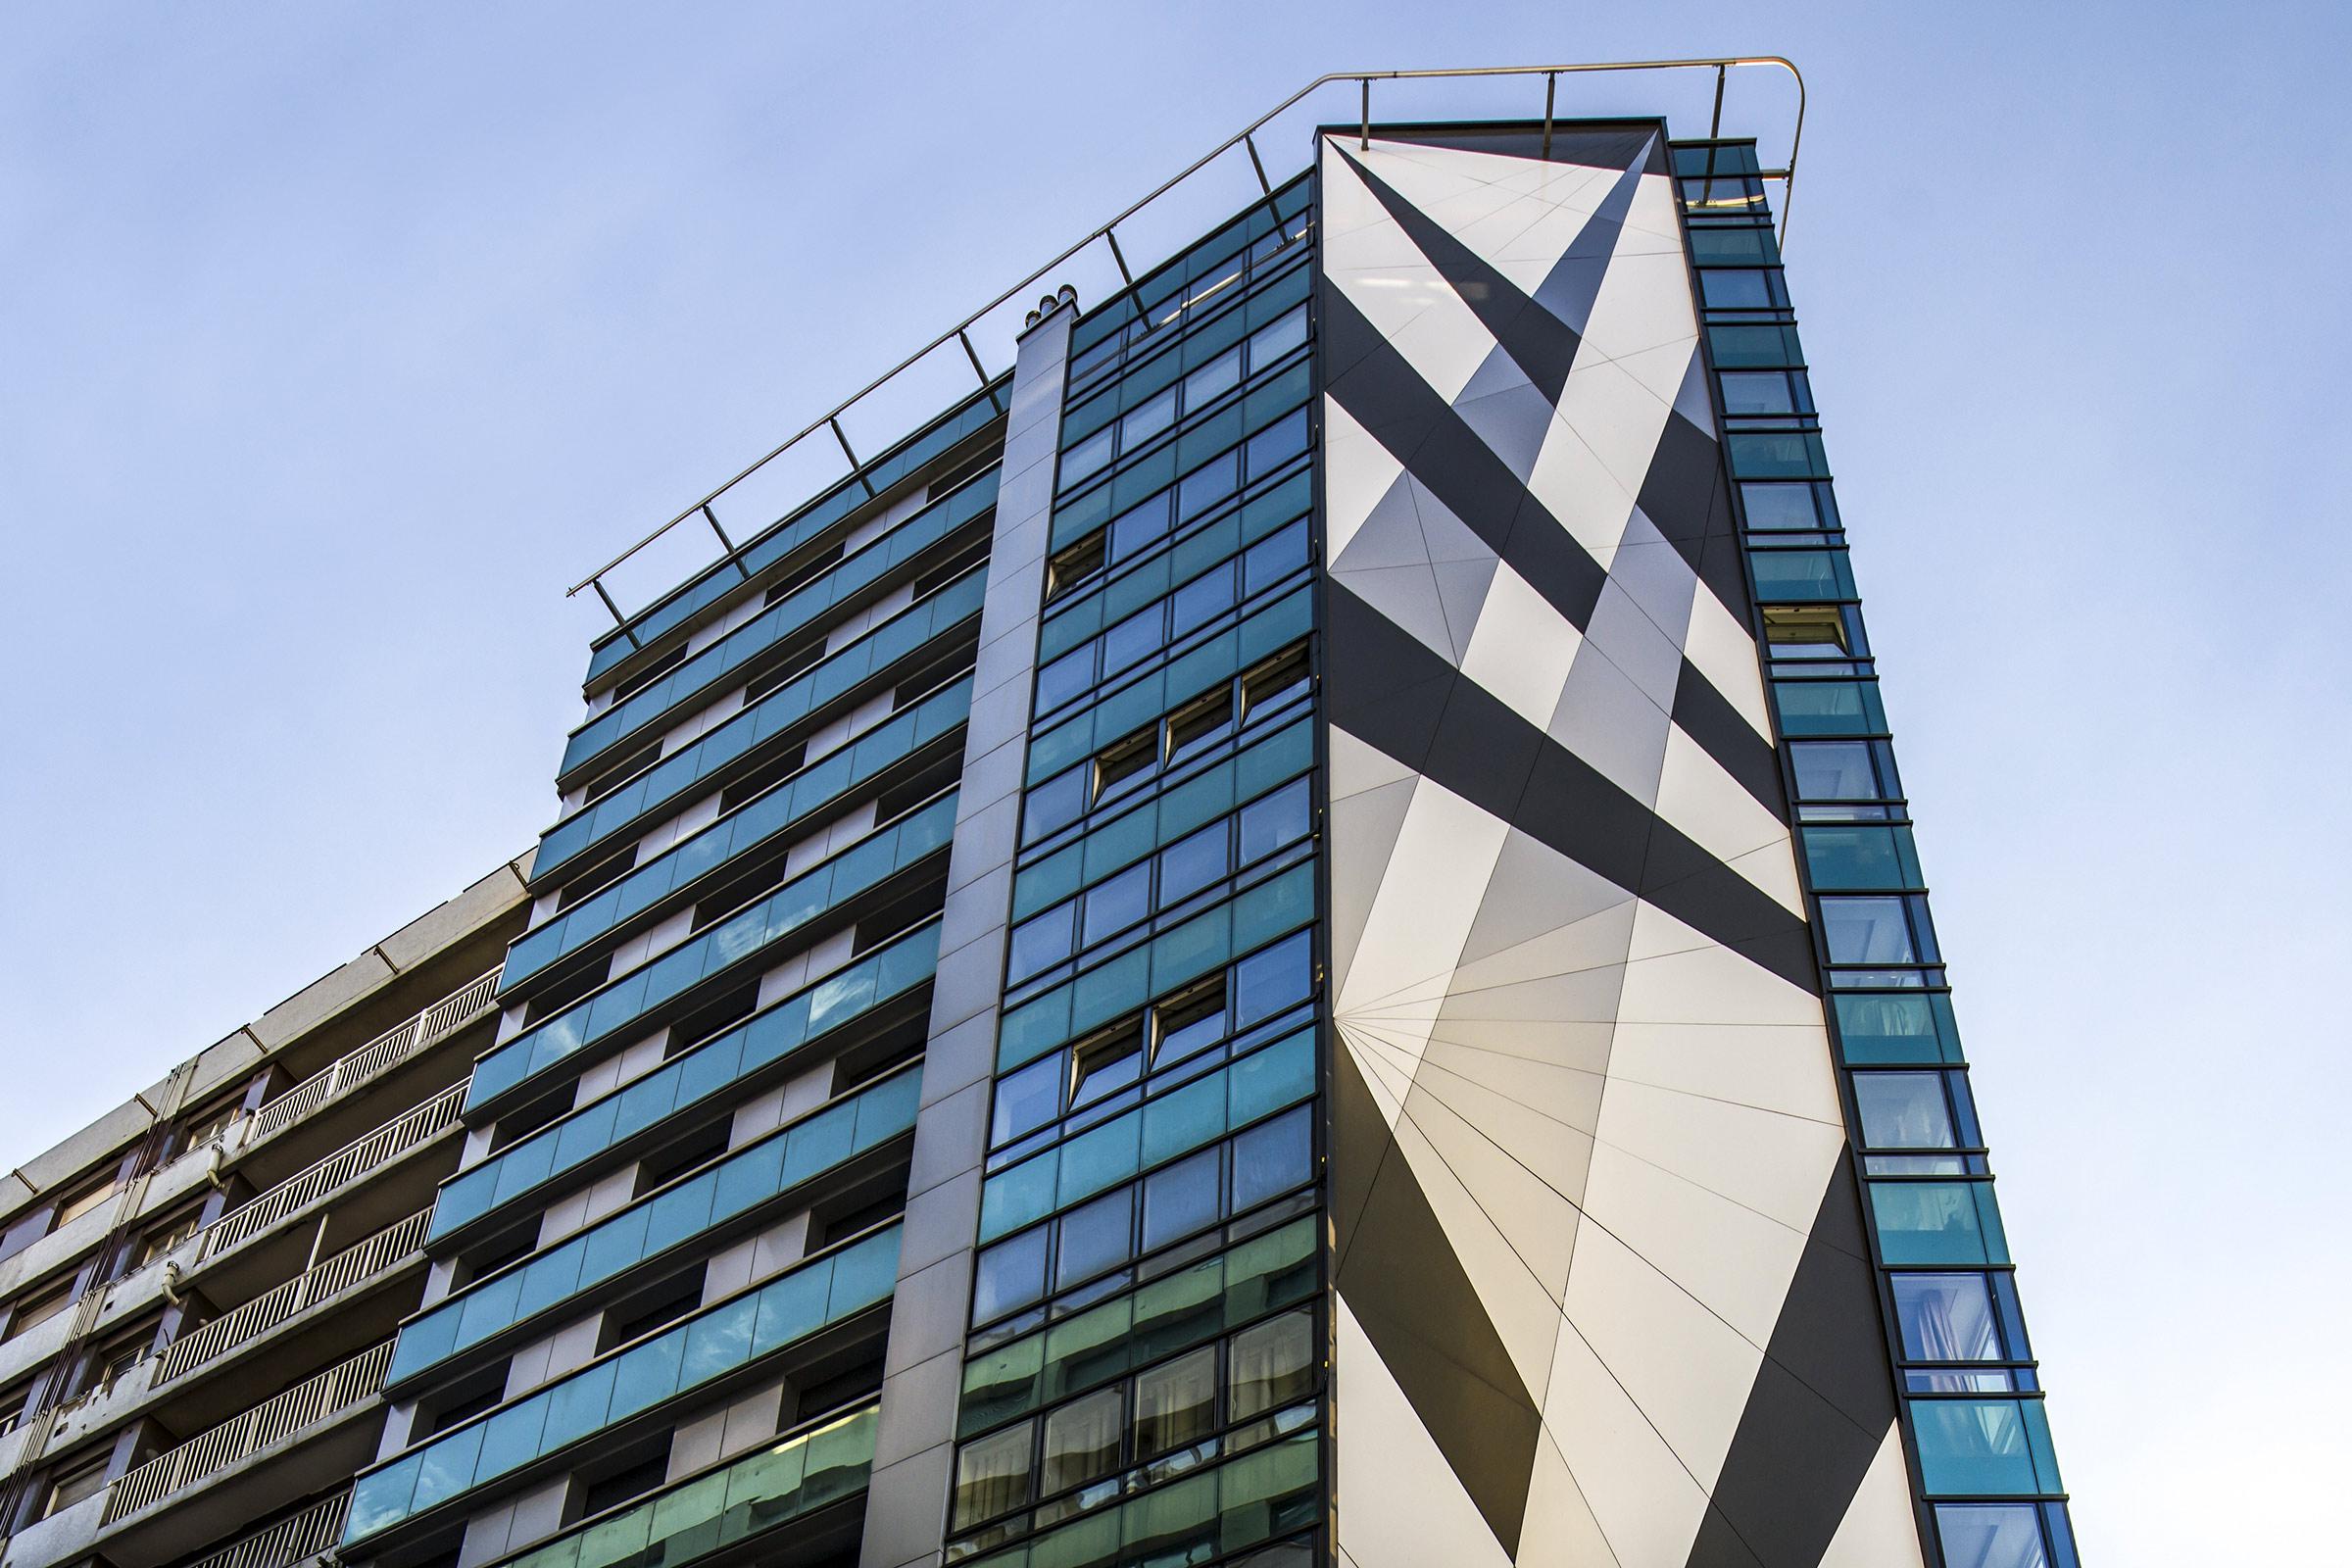 edificio-residencial-gijon-STB-492